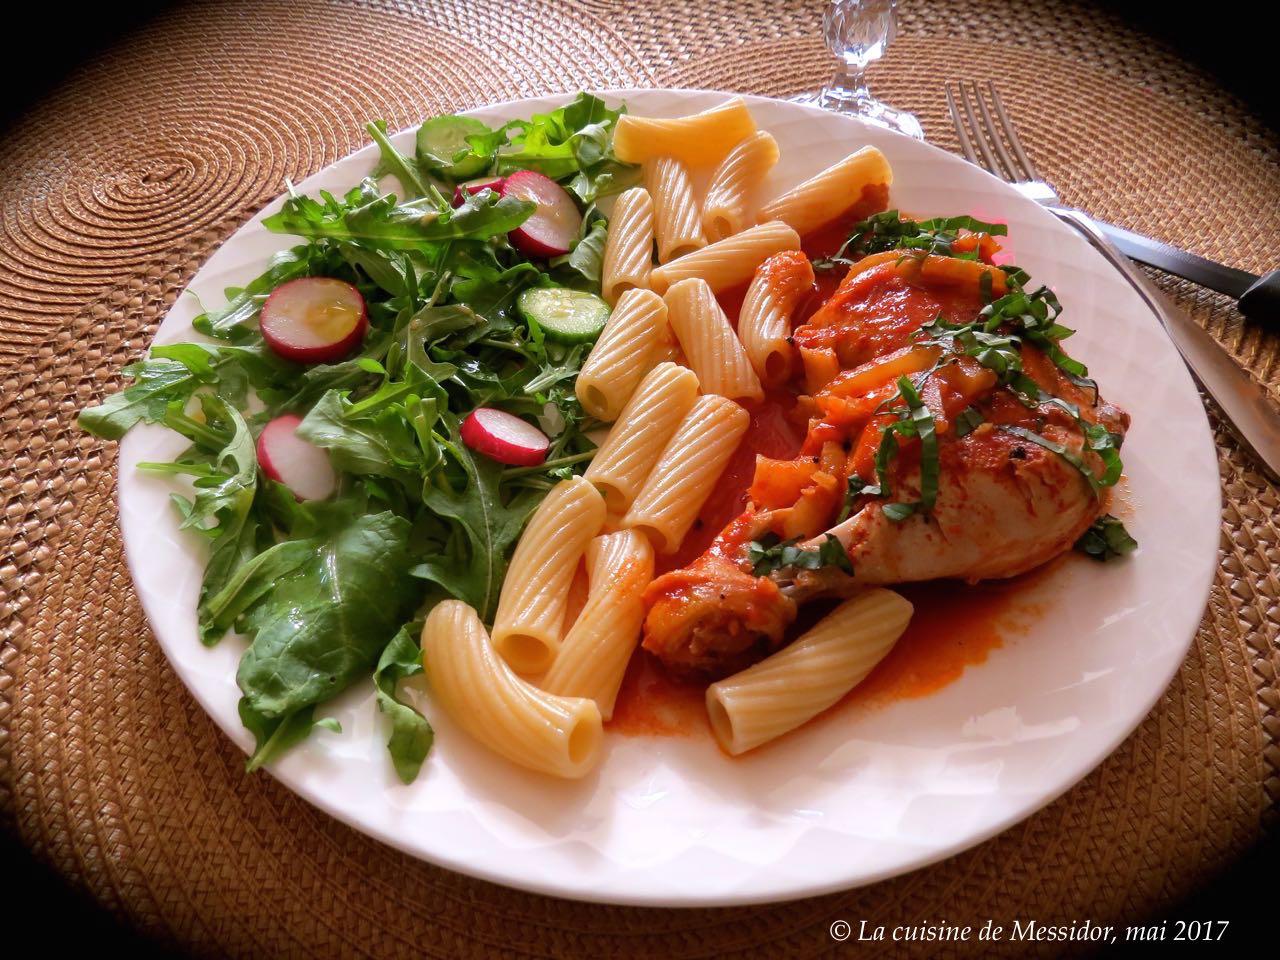 La cuisine de messidor cuisses de poulet sauce m diterran e for Marinade poulet huile d olive